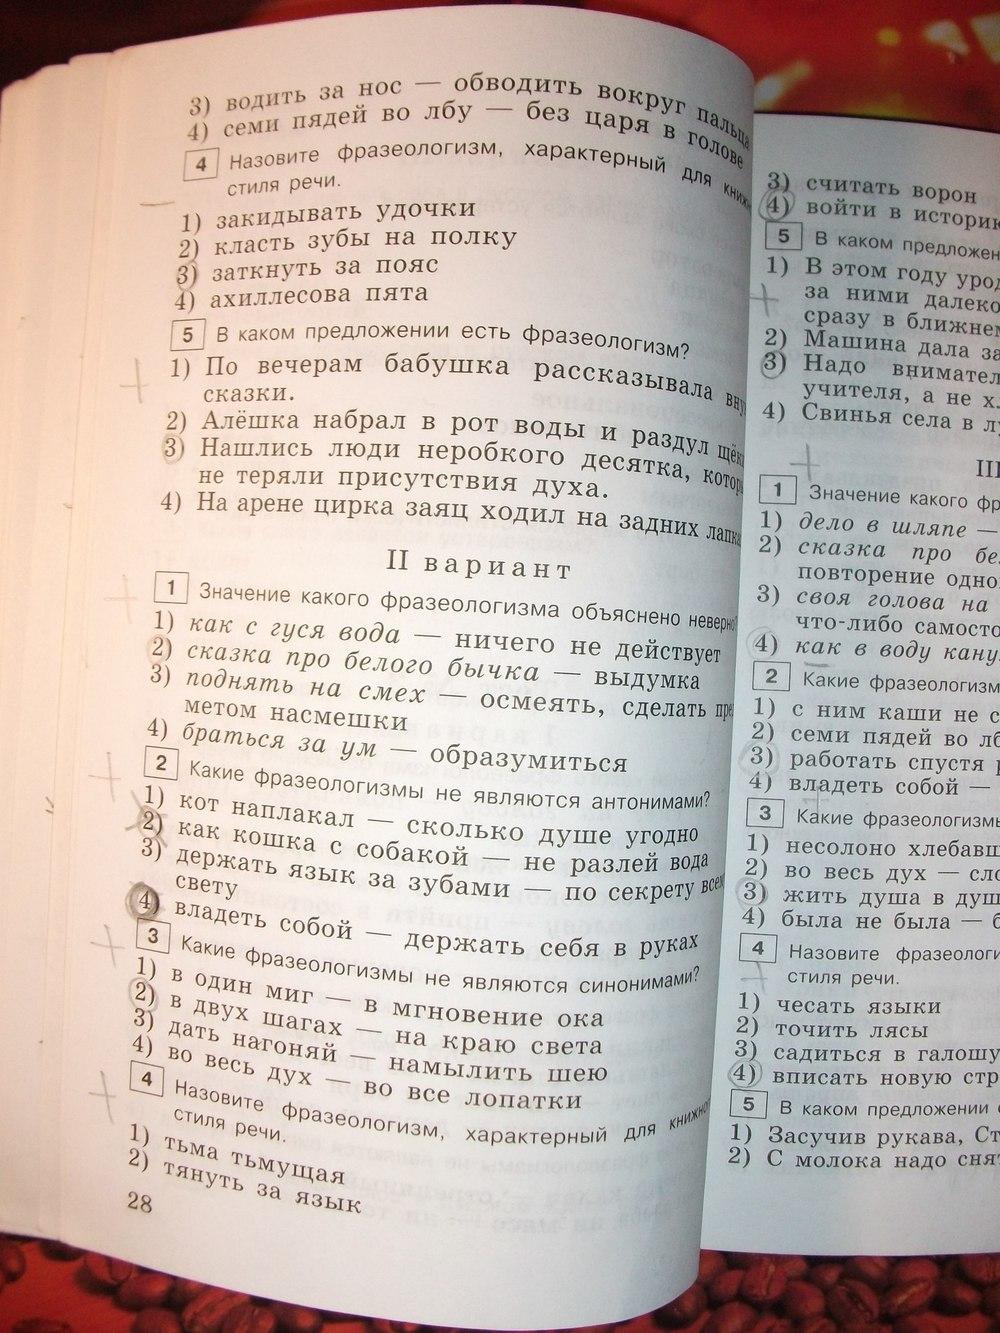 Заданиям языку решебник по тестовым по русскому